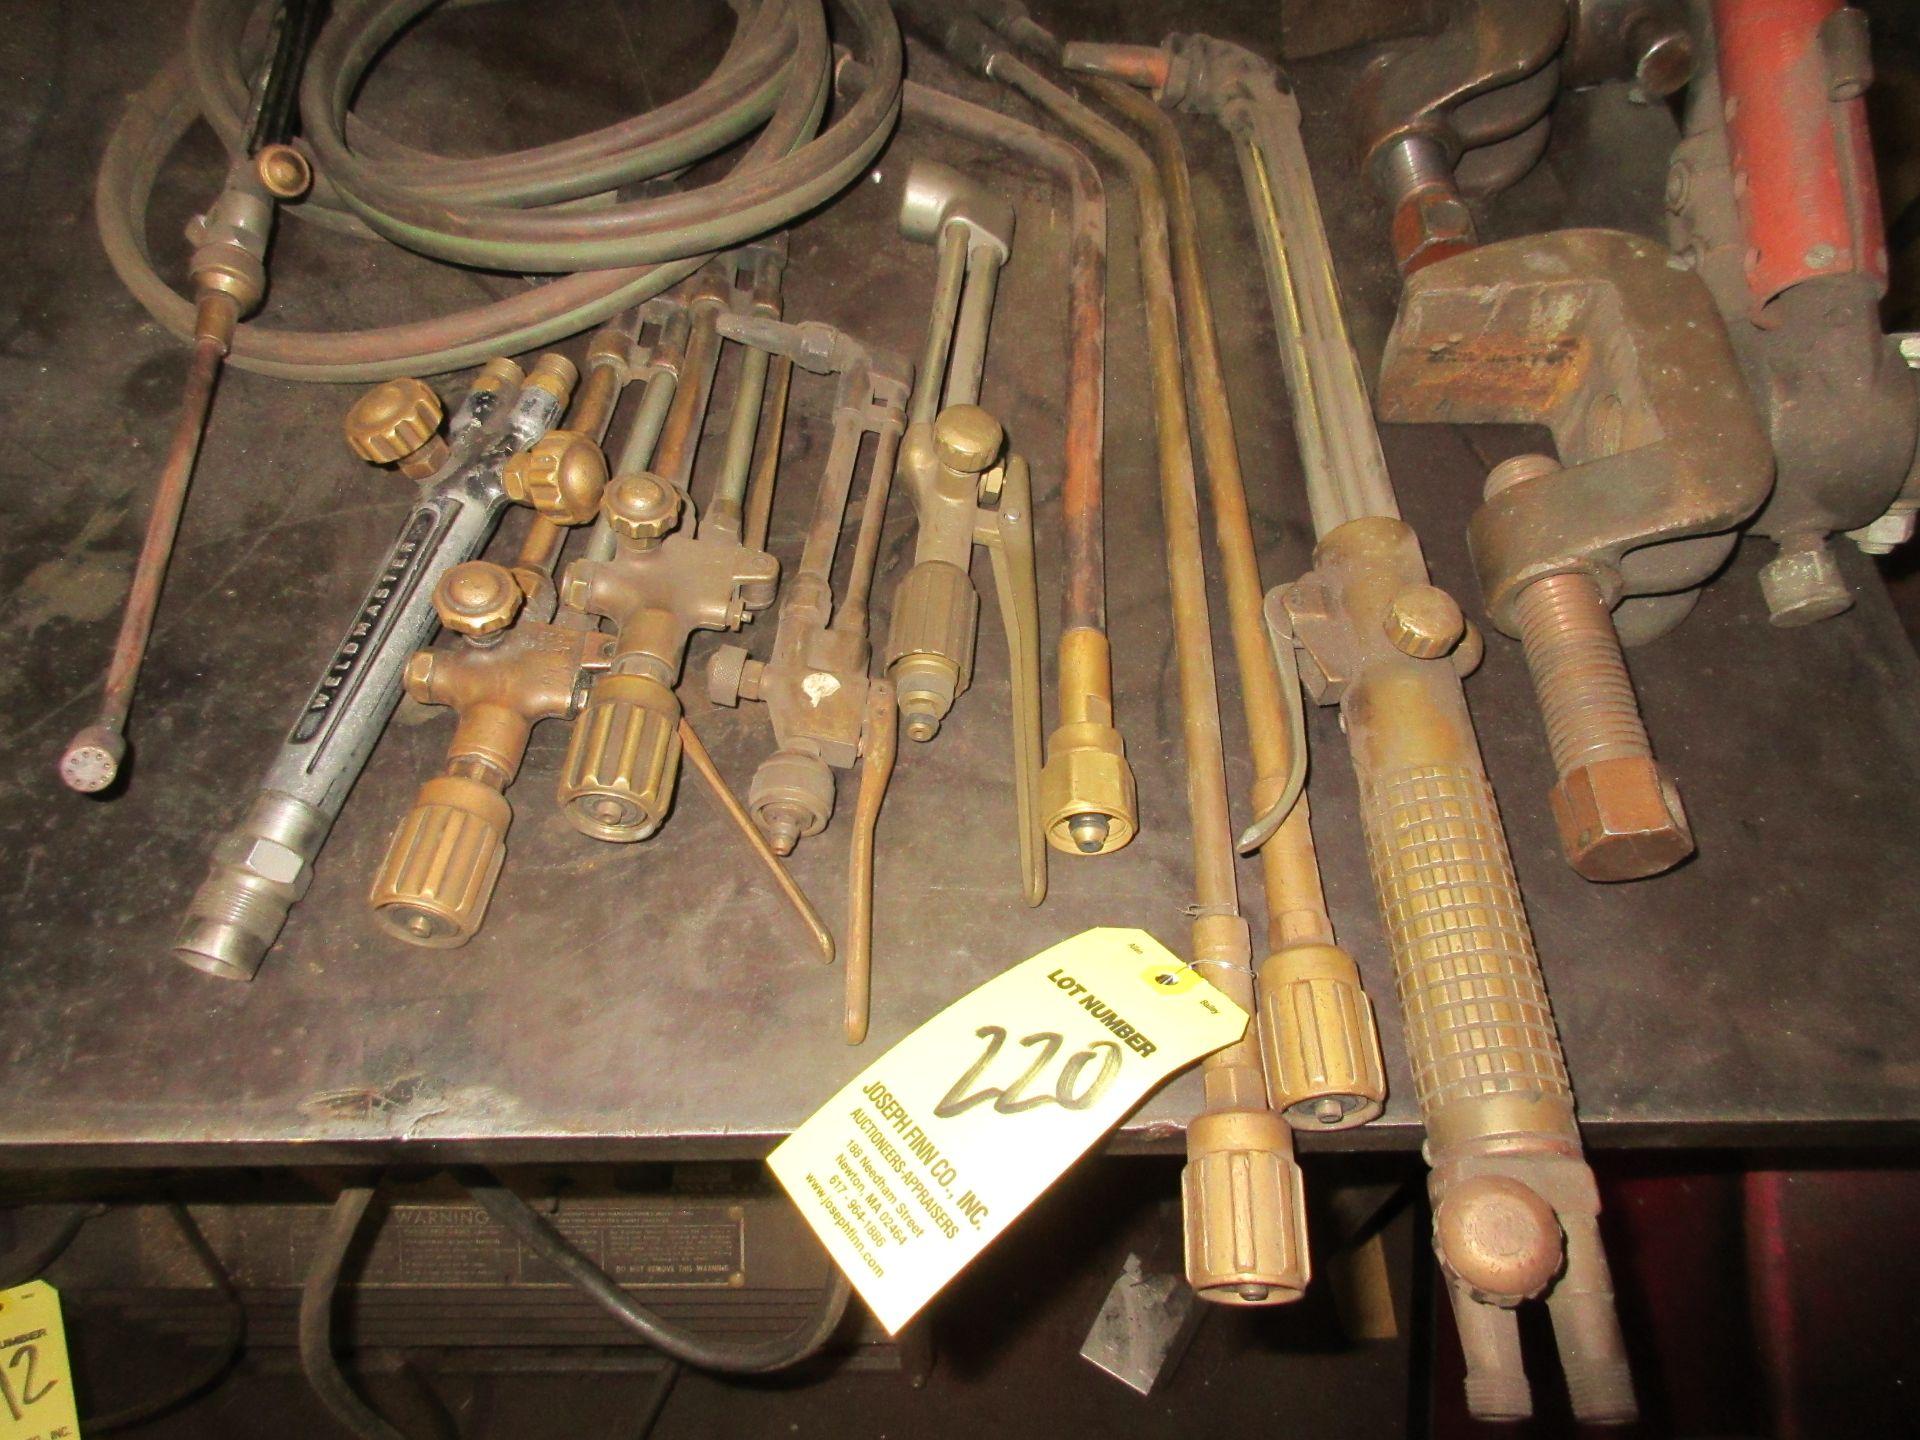 LOT Asst. Welding Torches